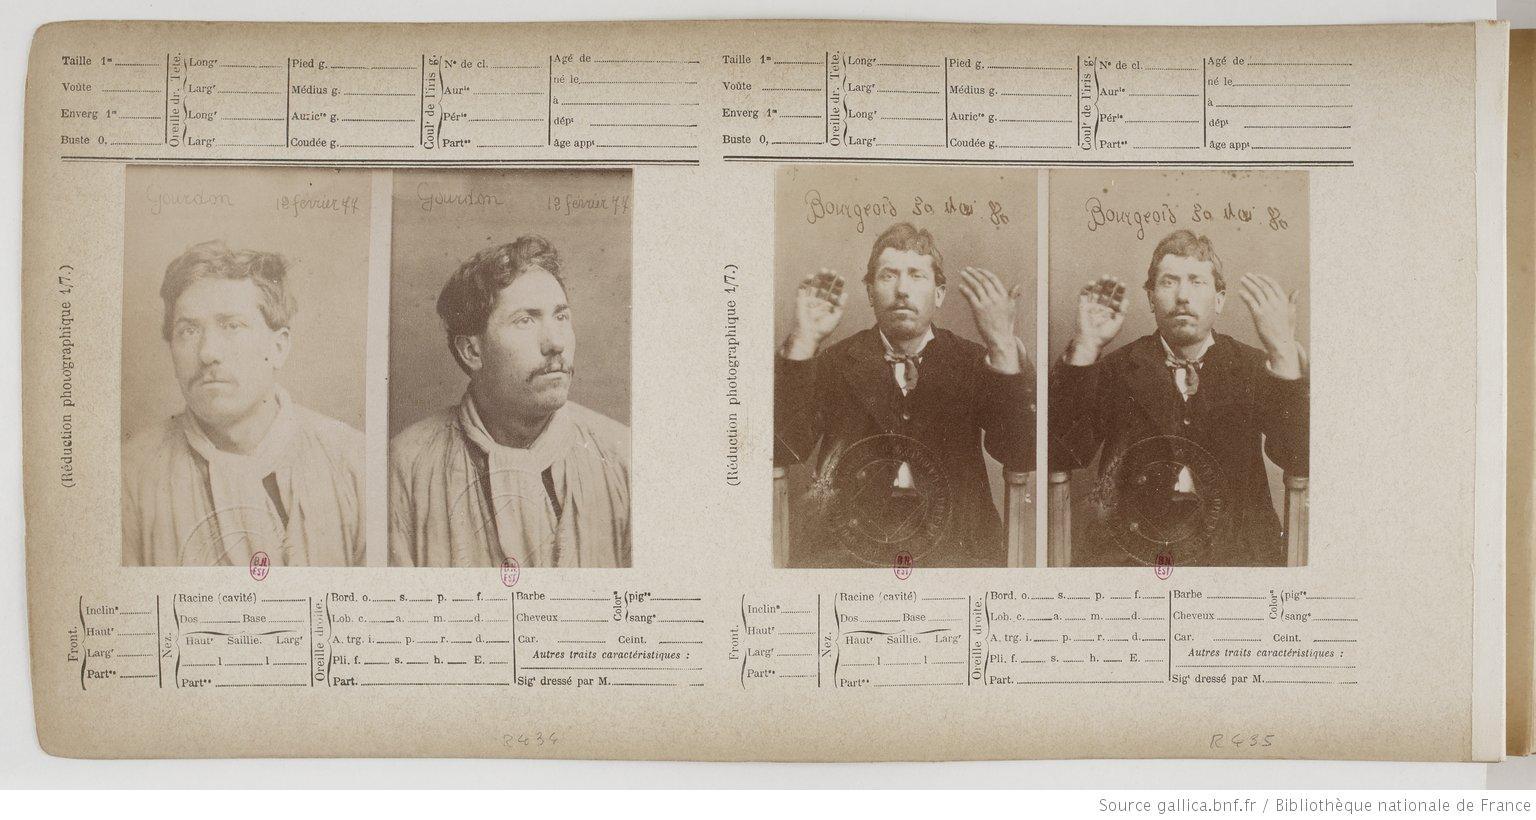 Photographie judiciaire et mug shots, un visage sur le crime